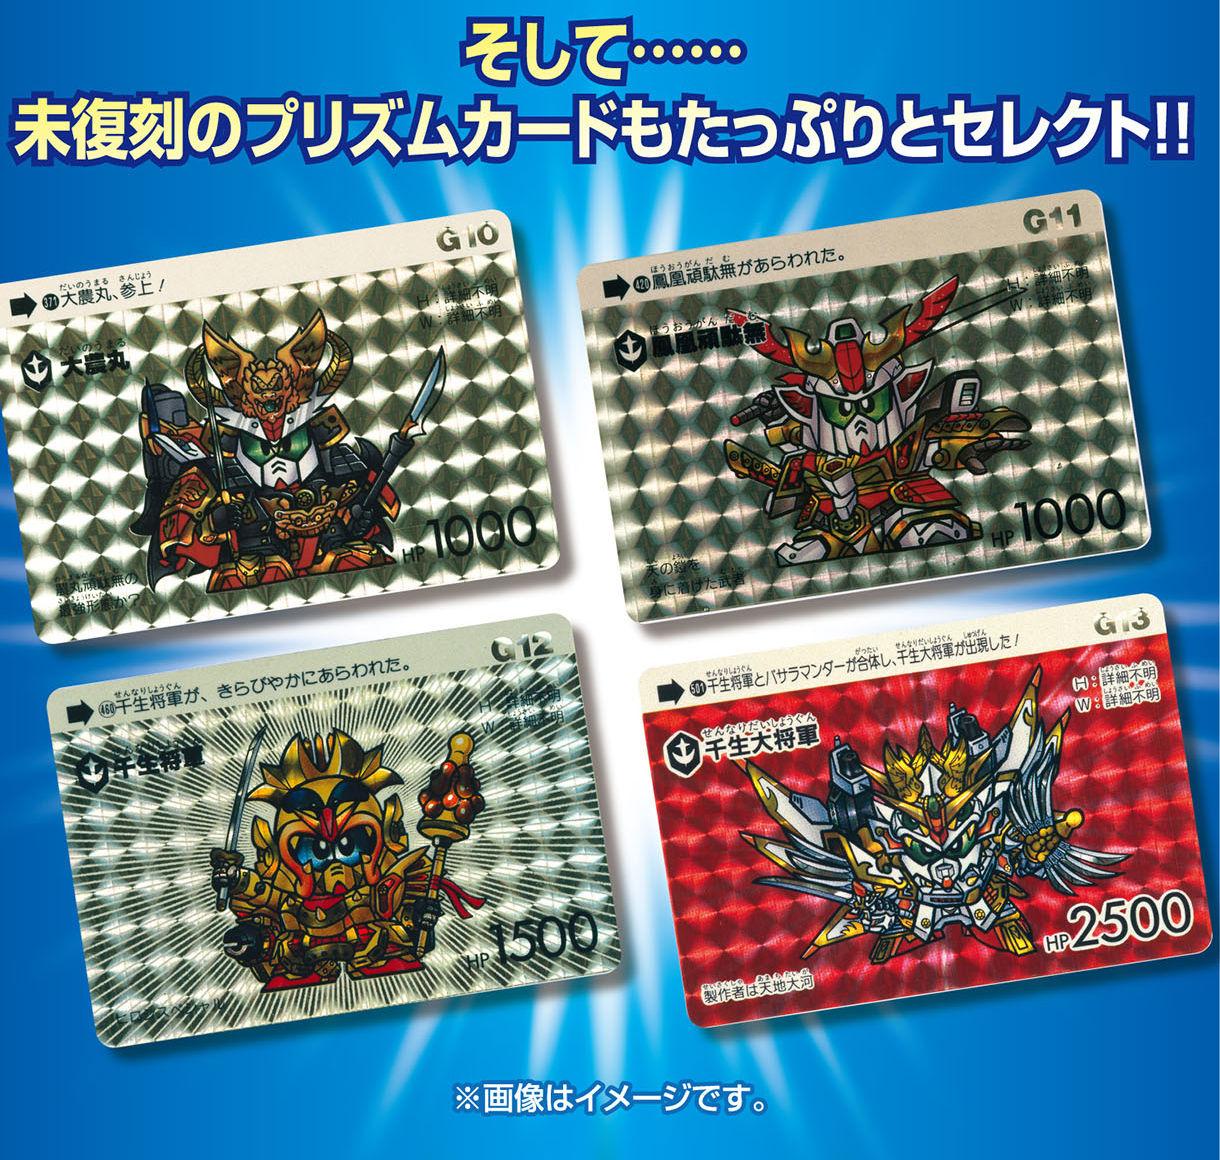 未復刻のプリズムカードもたっぷりとセレクト!!